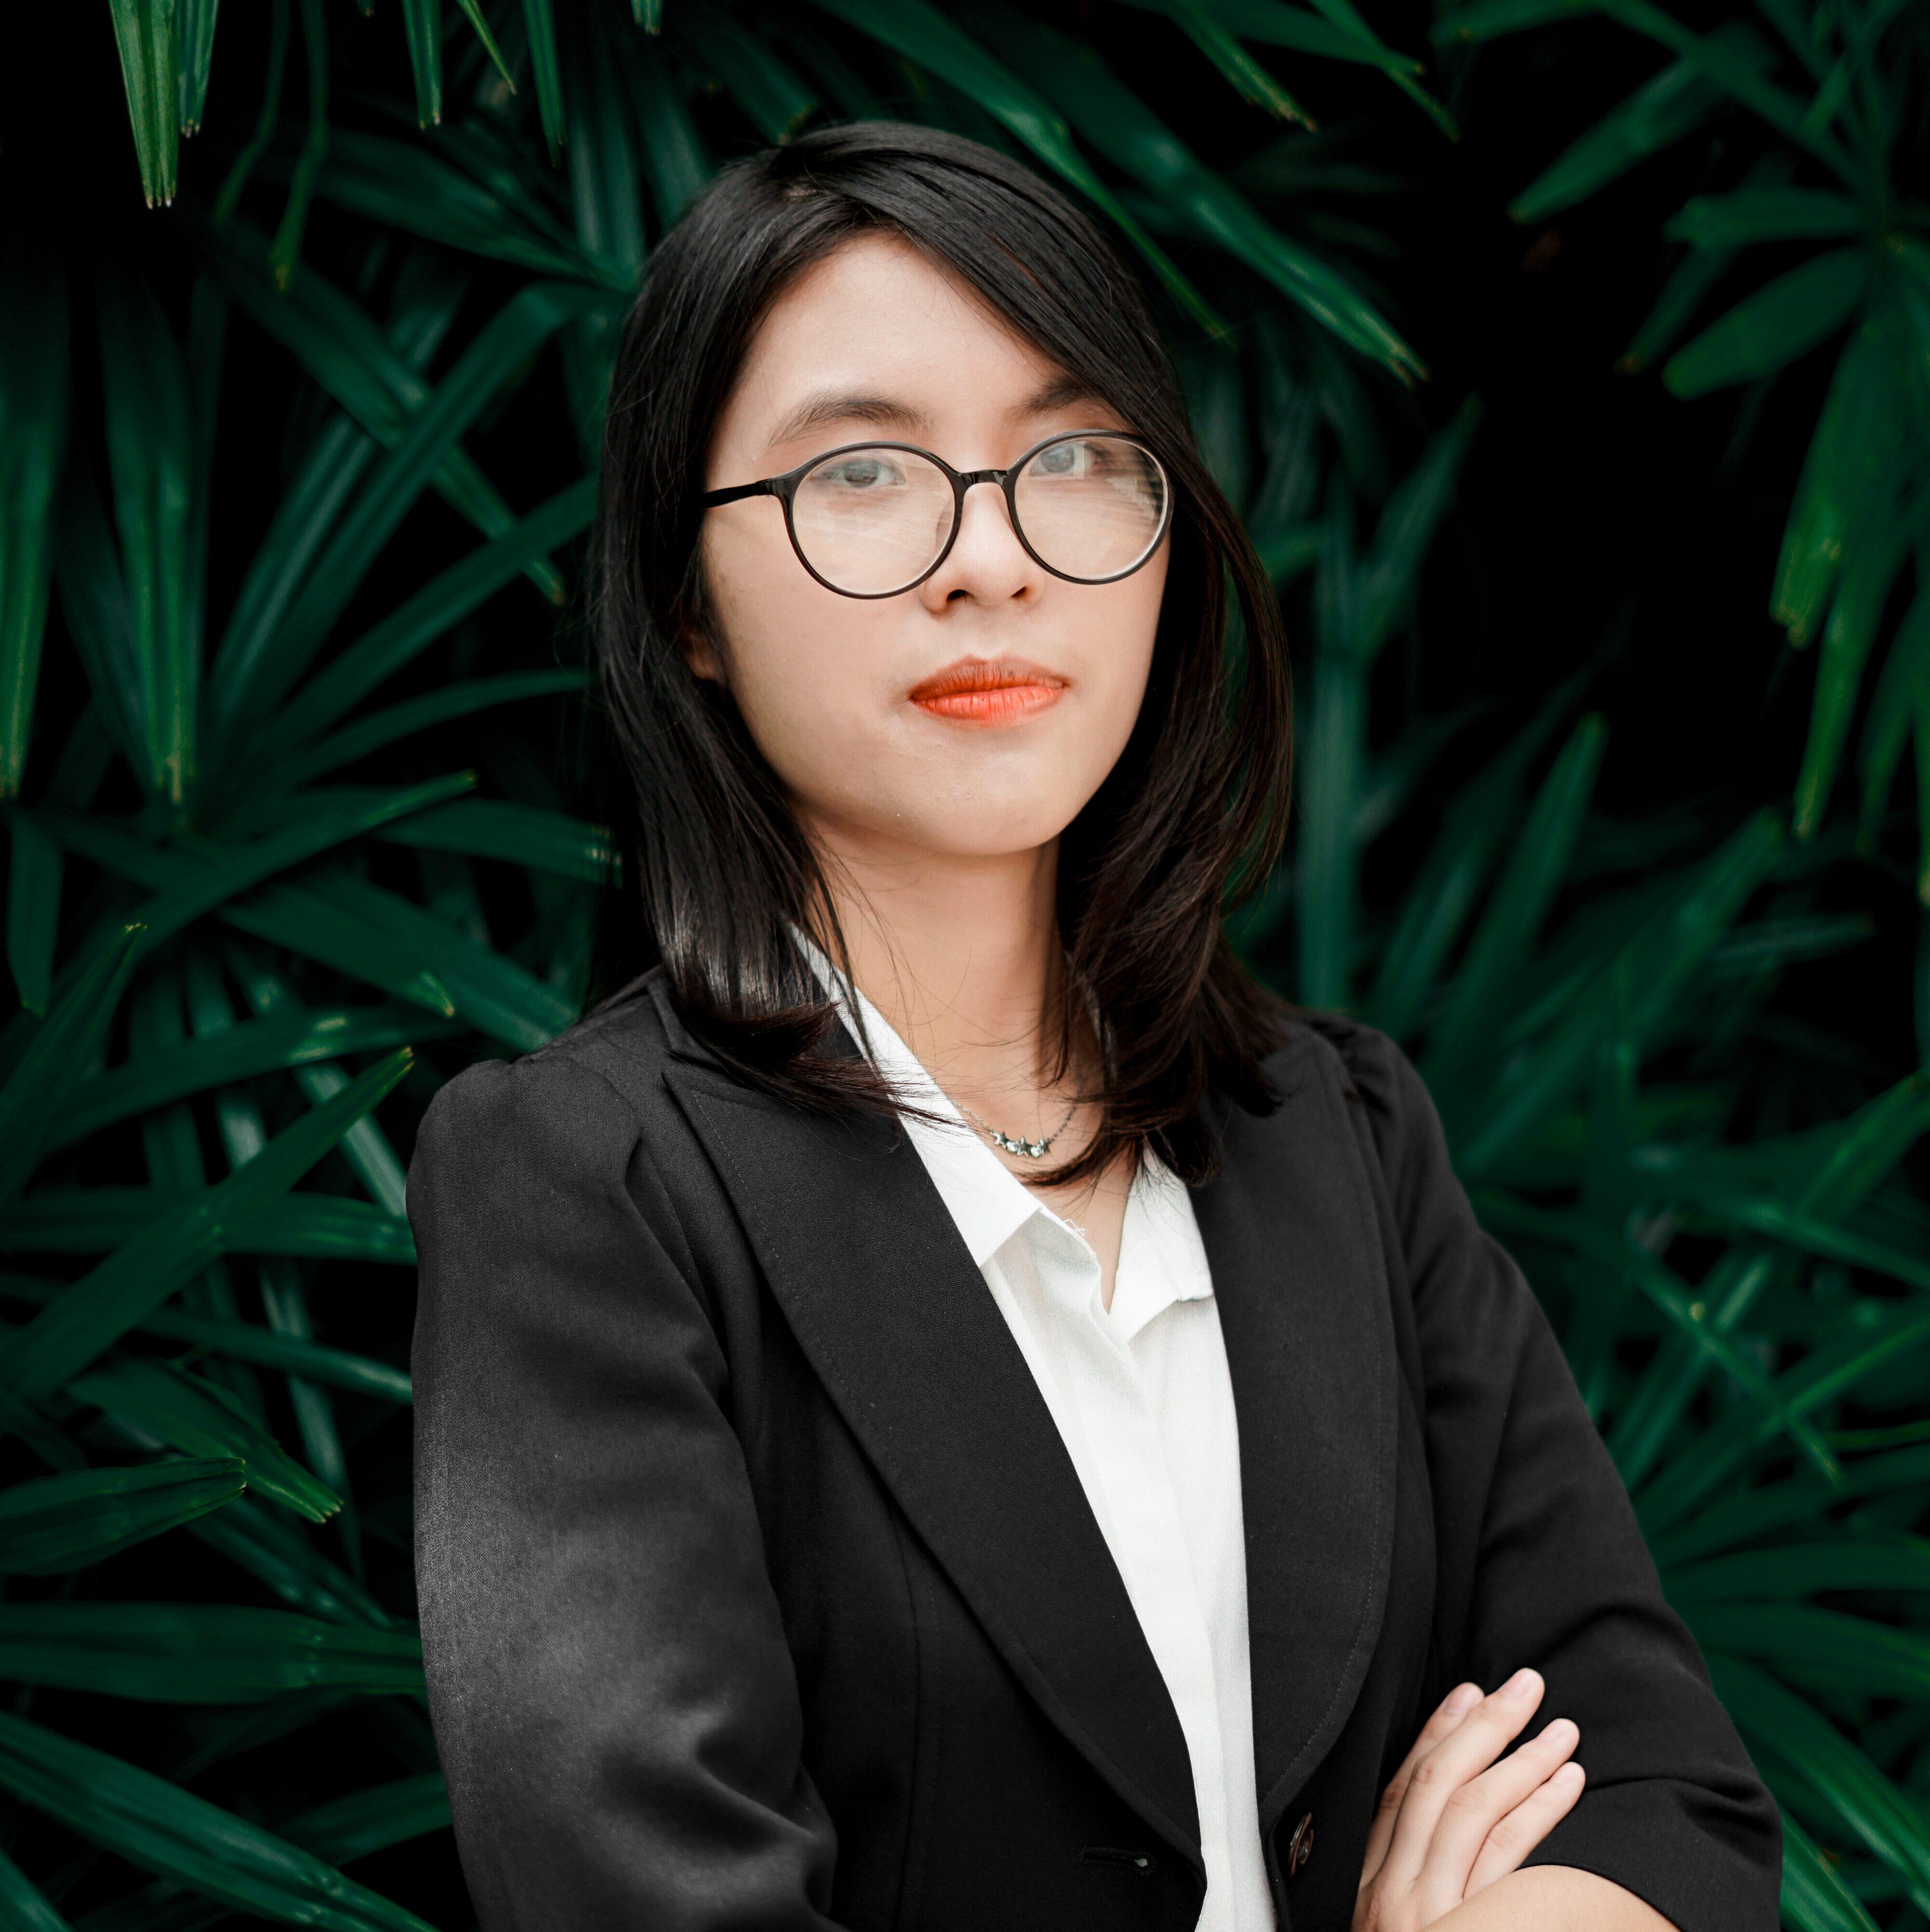 Hoàng Thu Minh